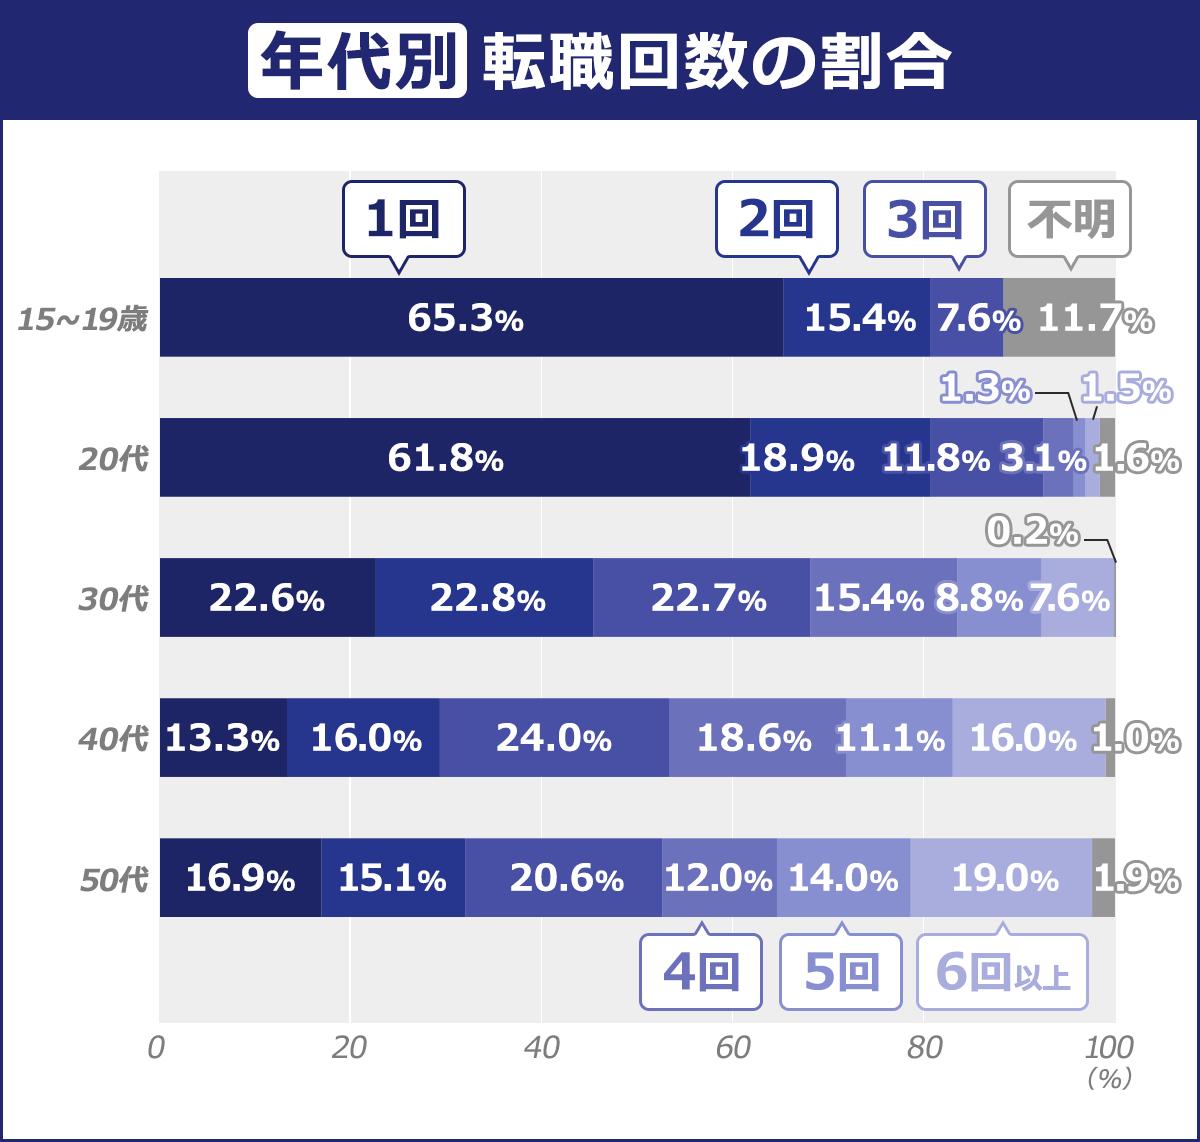 【年齢別:転職回数の割合】(1回 2回/3回/4回/5回/6回以上 不明):50代/16.90%/15.10%/20.60%/12%/14%/19%/1.90% |40代/13.30%/16%/24%/18.60%/11.10%/16.00%/1% |30代/22.60%/22.80%/22.70%/15.40%/8.80%/7.60%/0.20% |20代/61.80%/18.90%/11.80%/3.10%/1.30%/1.50%/1.60% |15~19歳/65.30%/15.40%/7.60%/0%/0%/0%/11.70%